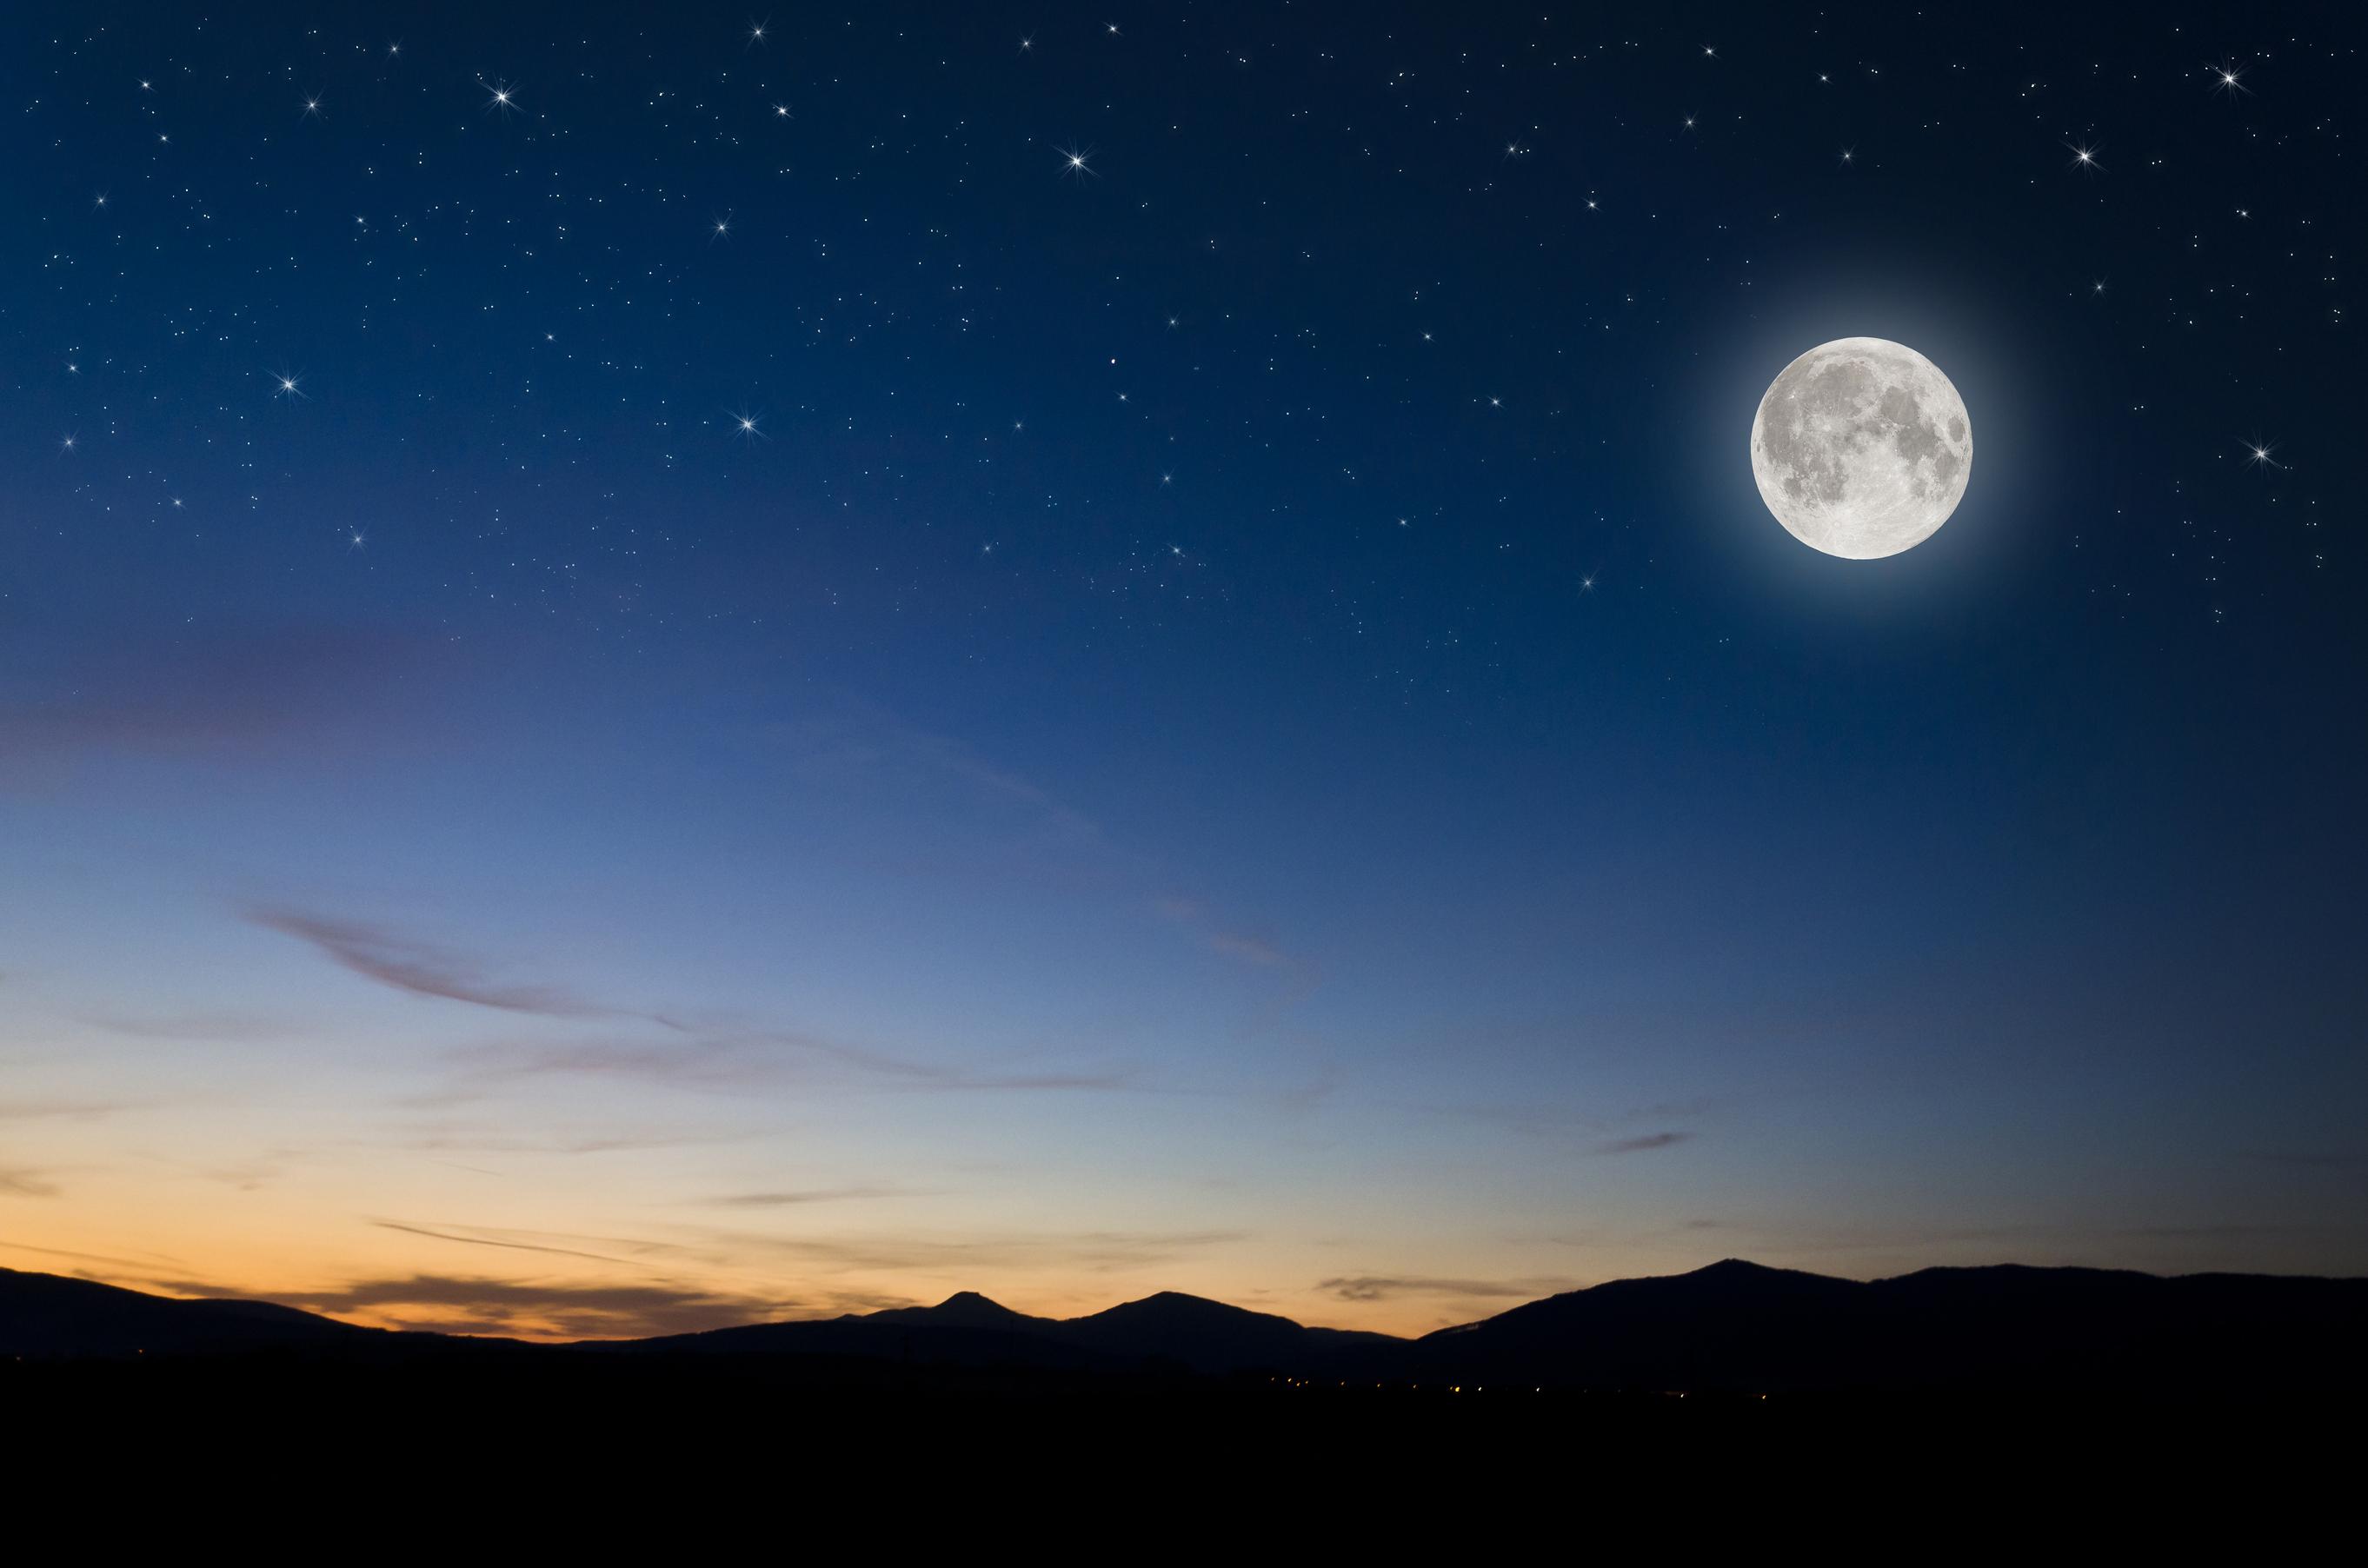 La influencia de las fases lunares en nuestro estado de ánimo ...